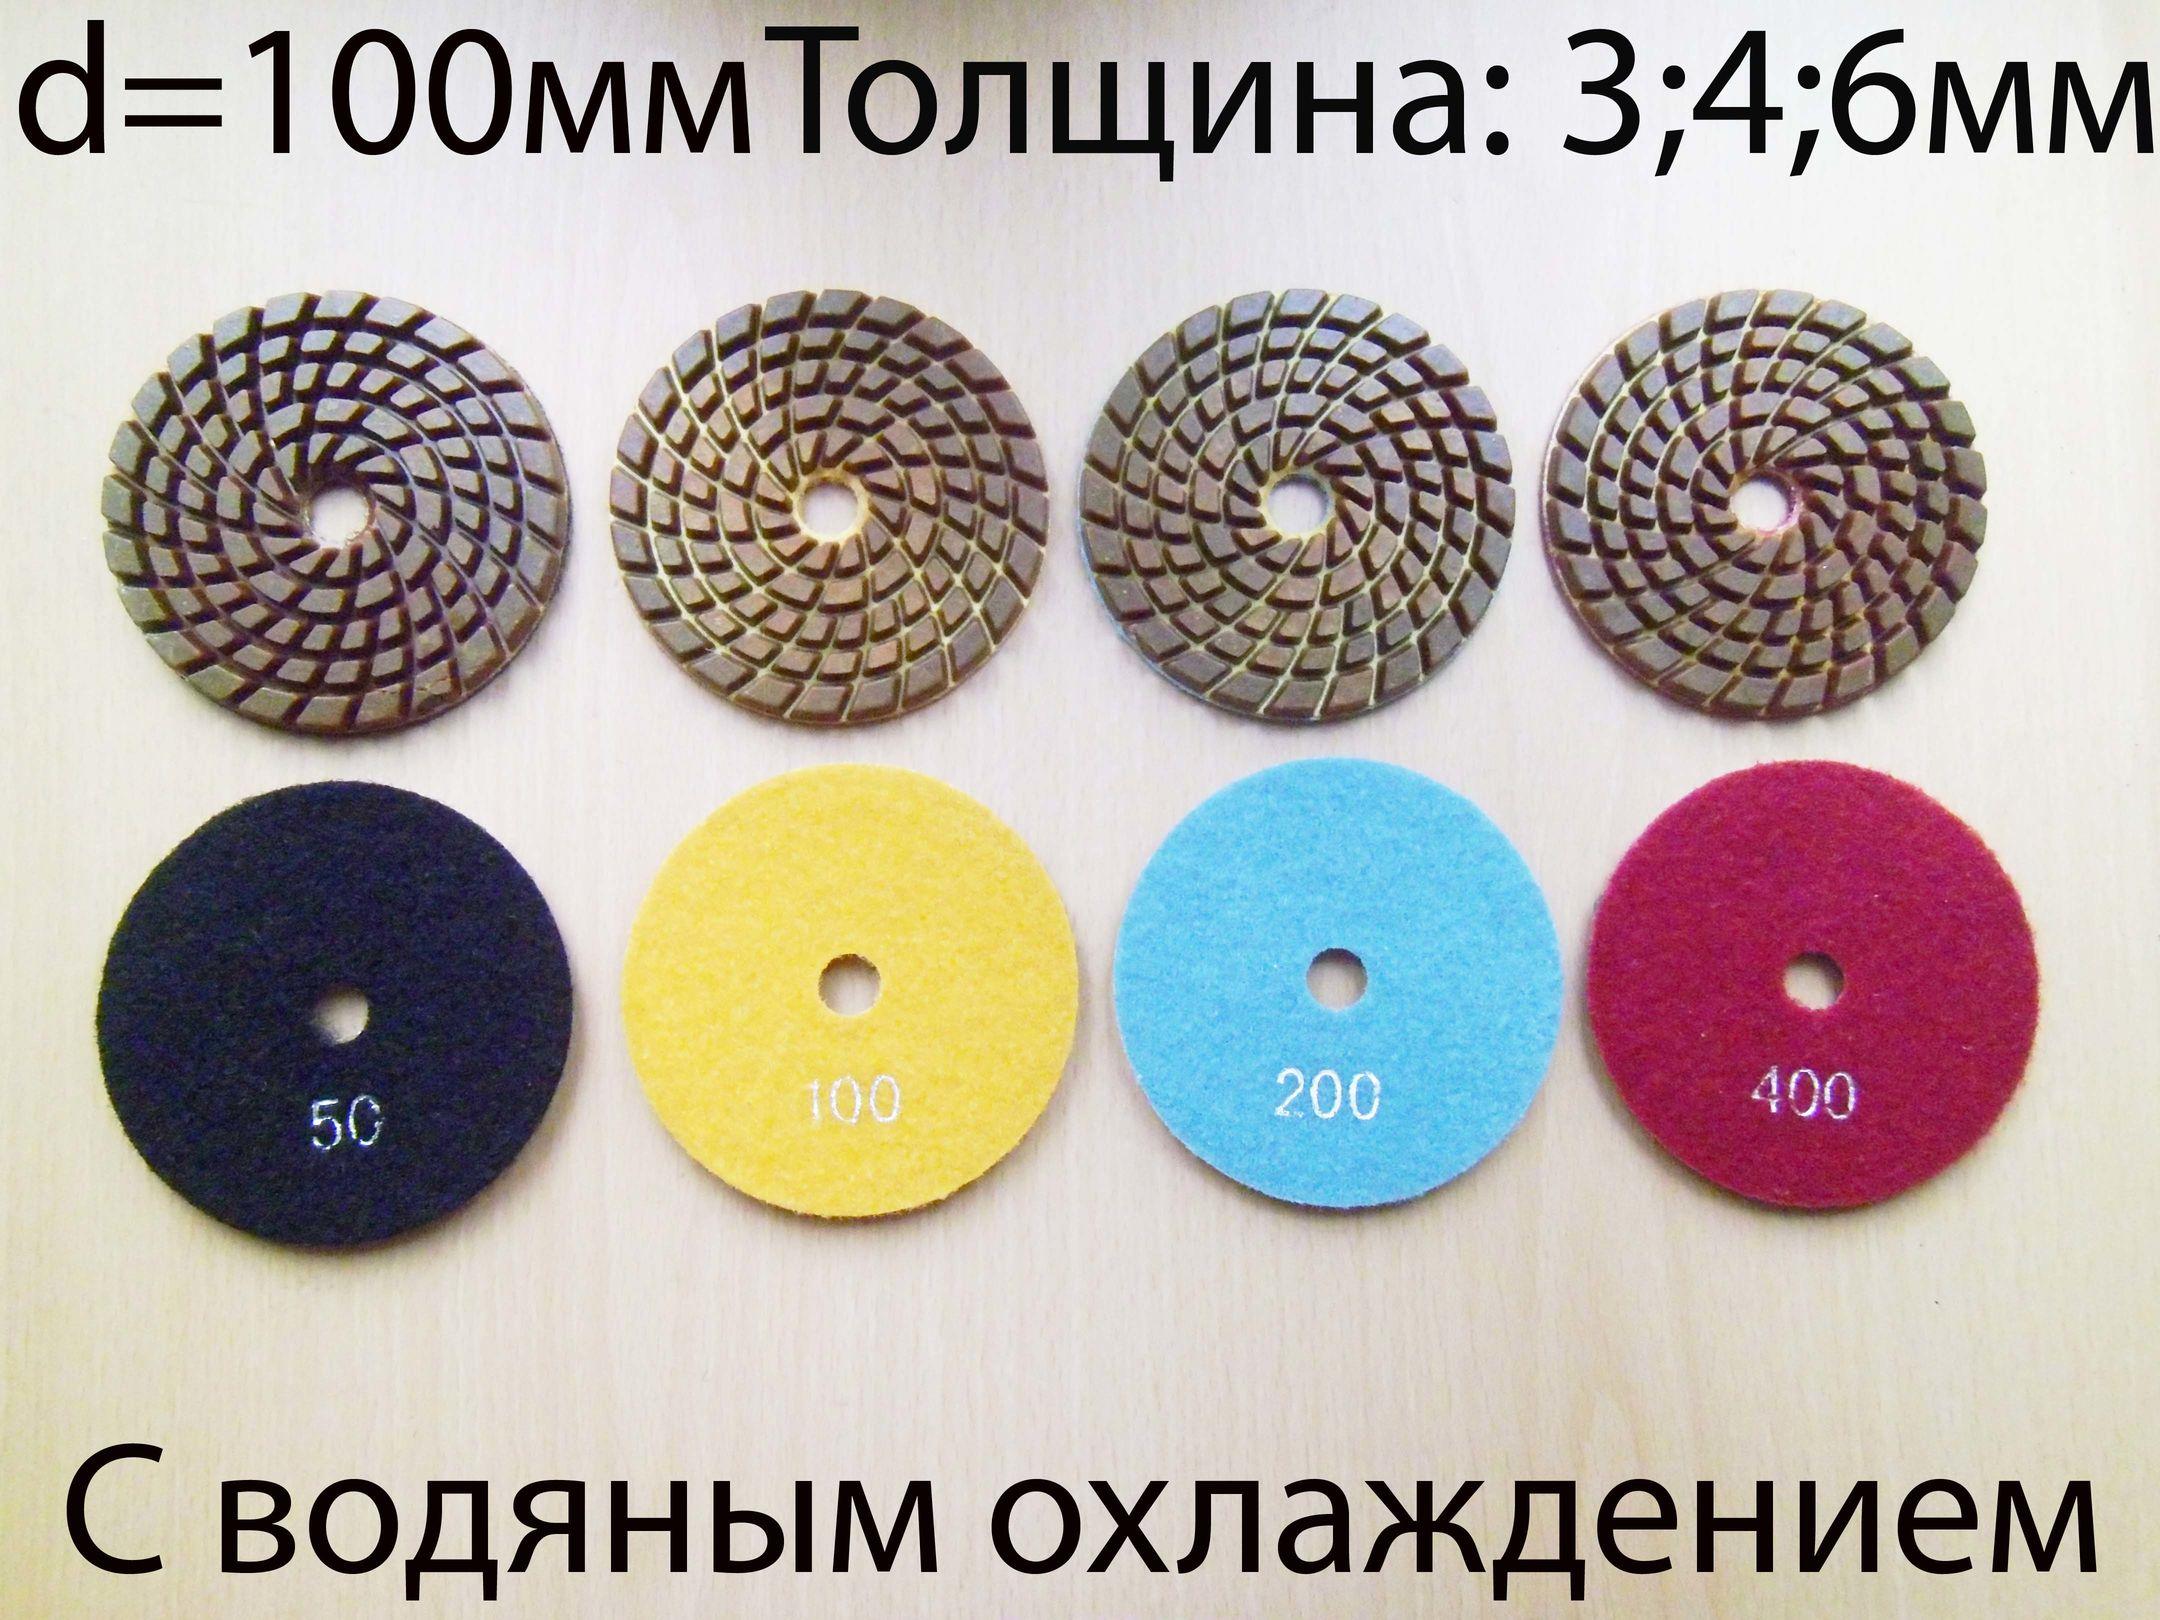 Диски черепашки для шлифовки камня(гранита и мрамора),керамогранита,металла,стекла и т.д,с водяным охлаждением. d=100 мм. Зернистость: #50-100-200-400. ТОЛЩИНА  АЛМАЗНОГО СЛОЯ-3,4 И 6 ММ. От 49 штук-цена НА 40 РУБЛЕЙ ДЕШЕВЛЕ!!!